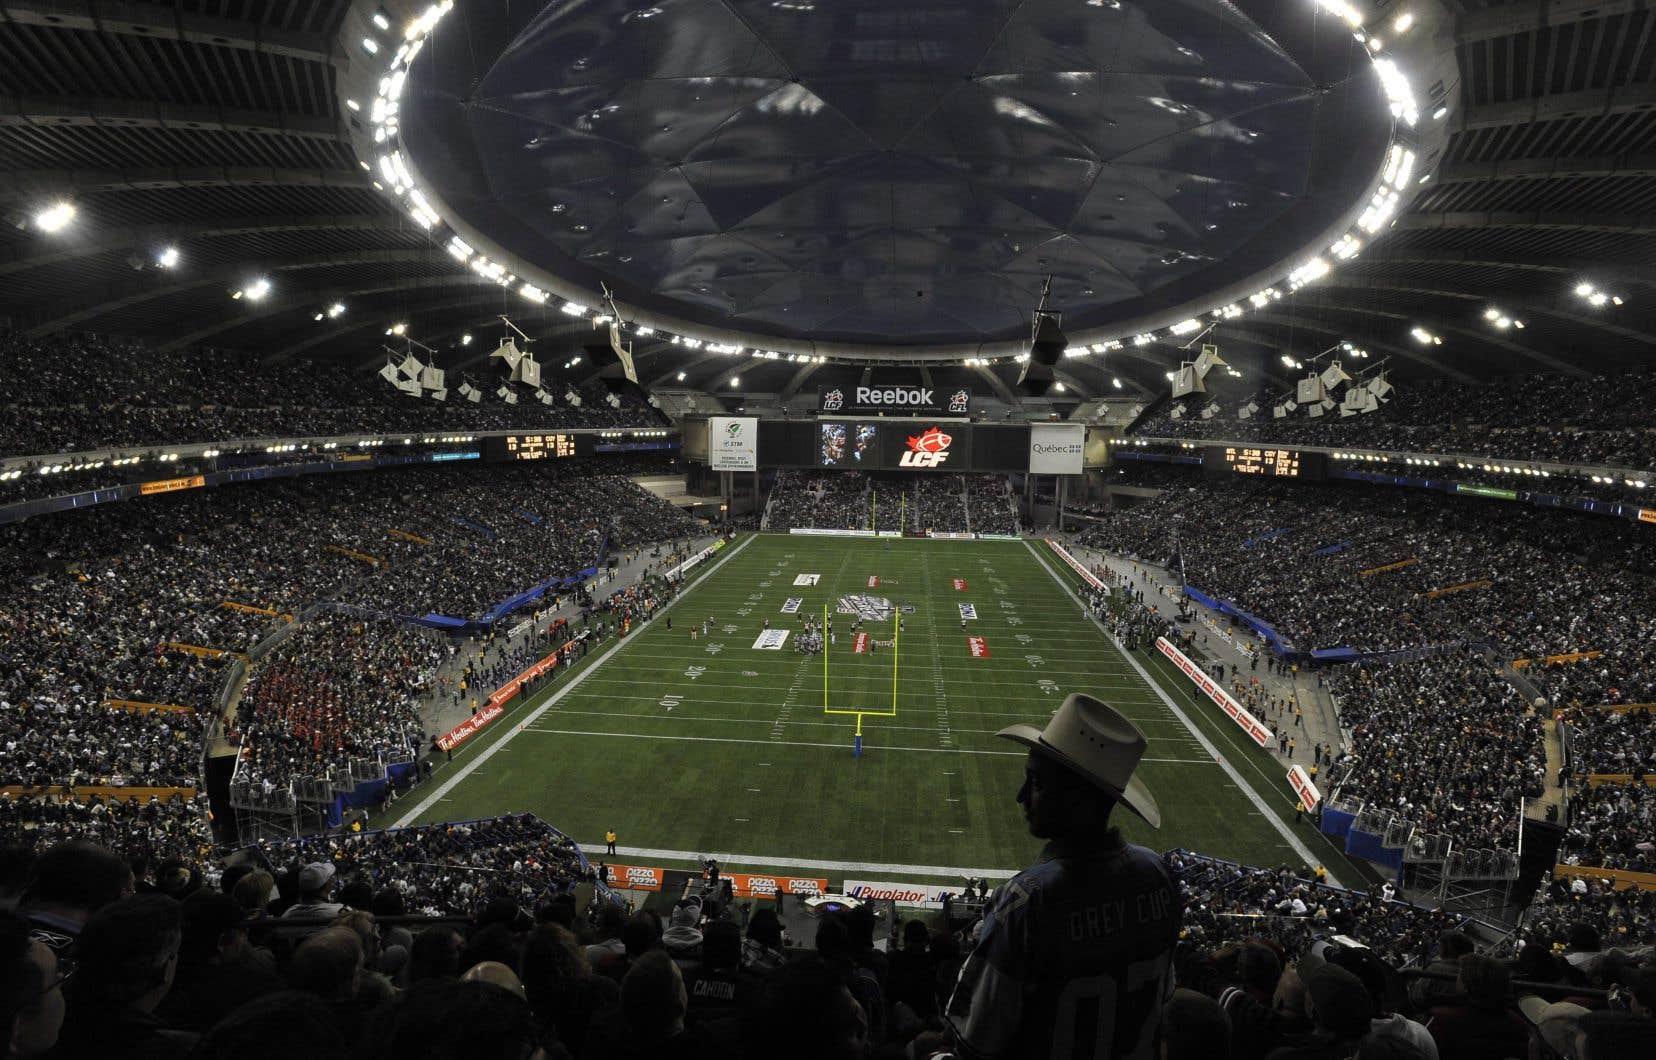 La plupart des meilleures foules dans l'histoire de la Ligue canadienne de football ont été enregistrées au Stade olympique de Montréal. Sur la photo, la finale de la Coupe Grey 2008 opposant les Stampeders de Calgary aux Alouettes de Montréal, au Stade.